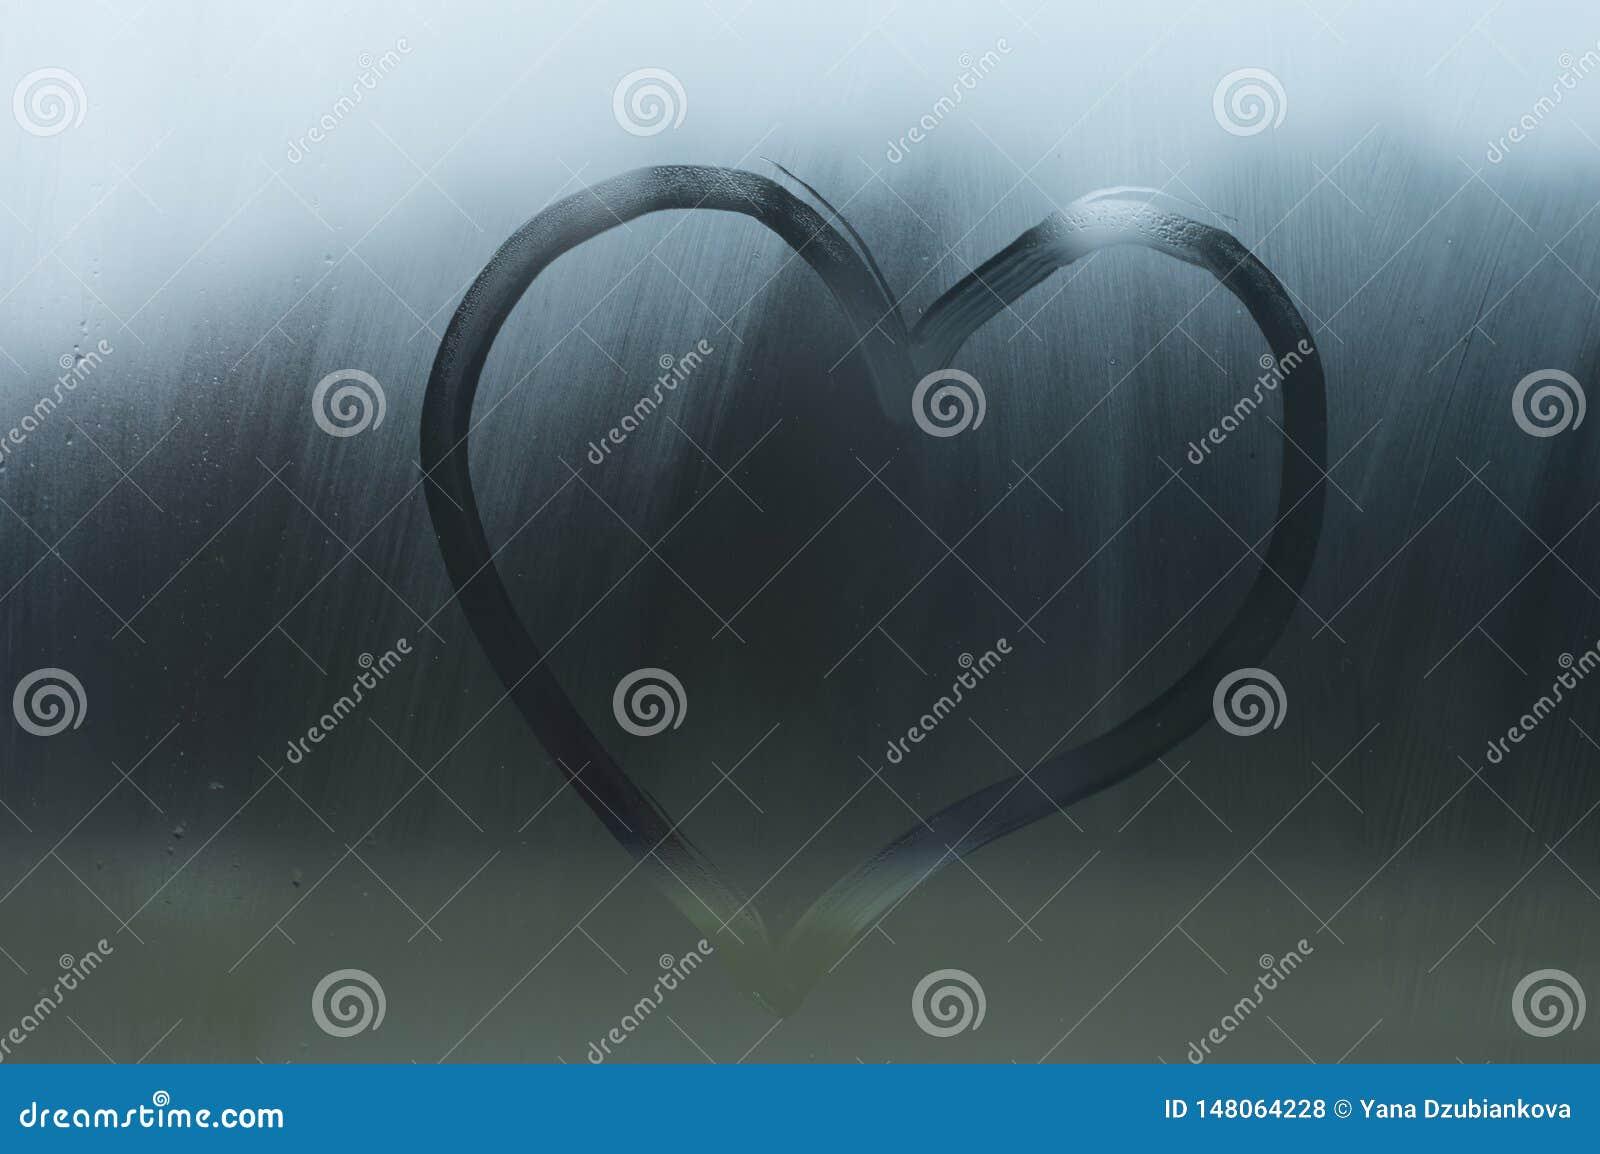 Le coeur d un doigt est dessin? sur la fen?tre a su? Le coeur est peint sur le verre ou sur un miroir